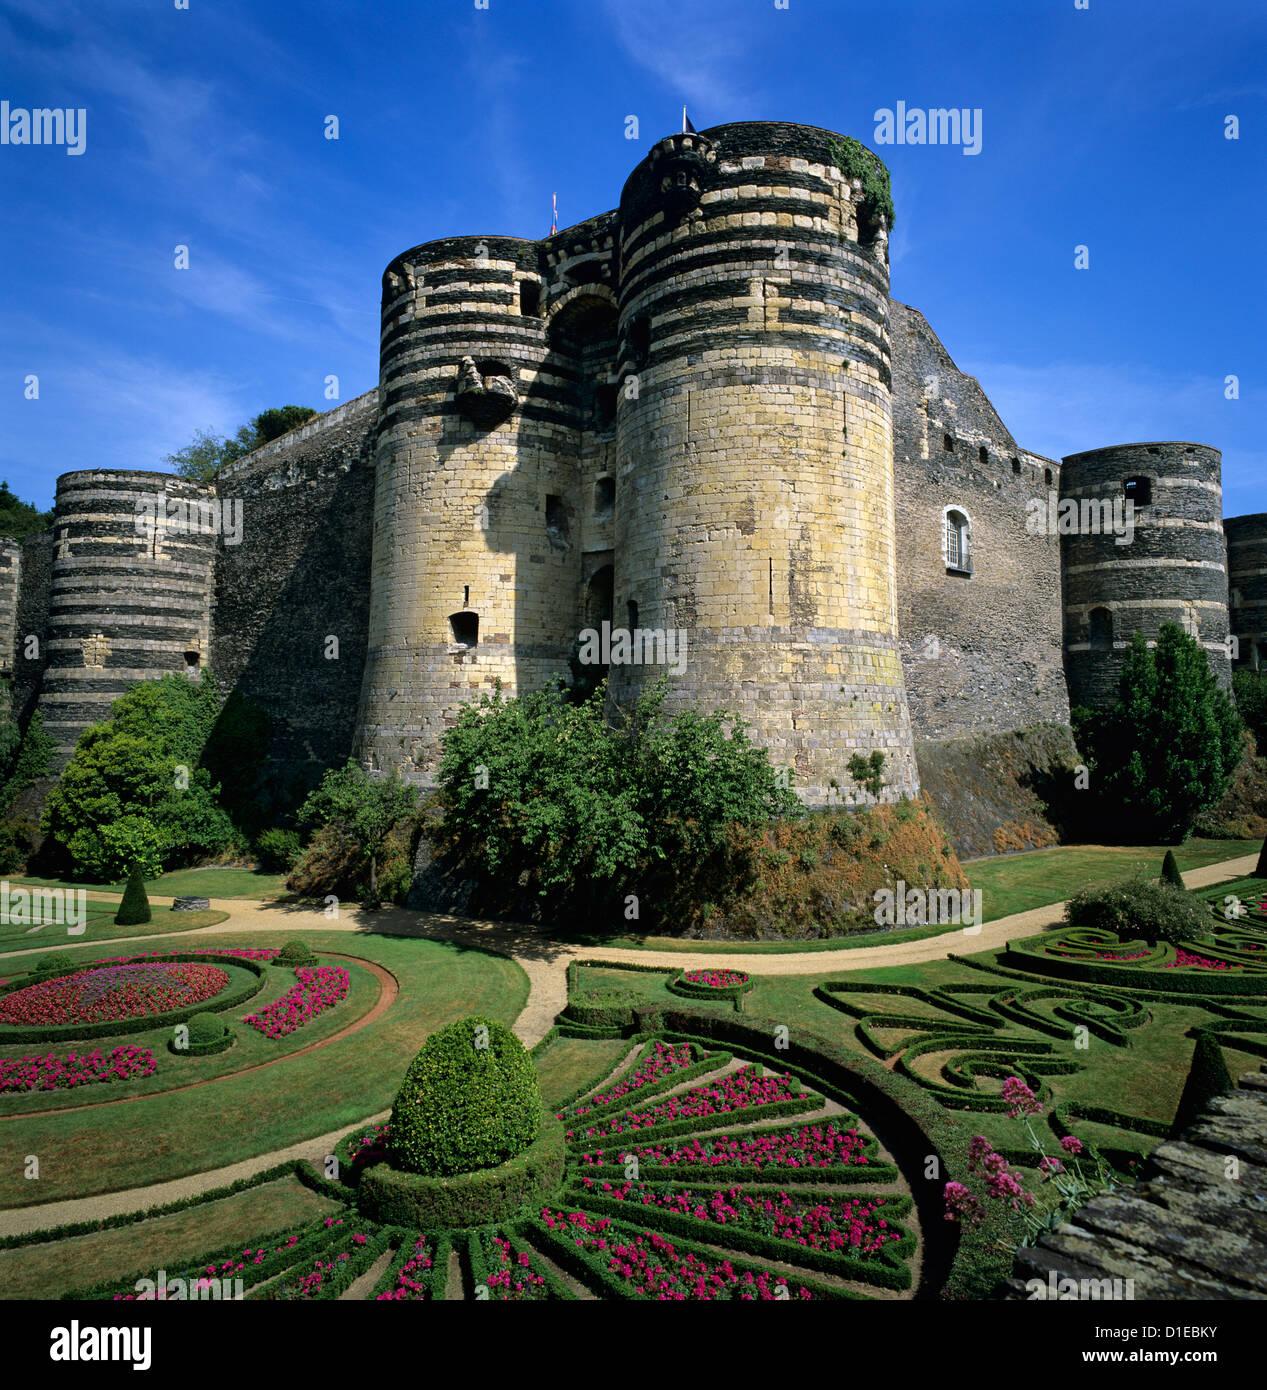 Chateau d'Angers, Angers e la Valle della Loira, Pays-de-la-Loire, Francia, Europa Immagini Stock